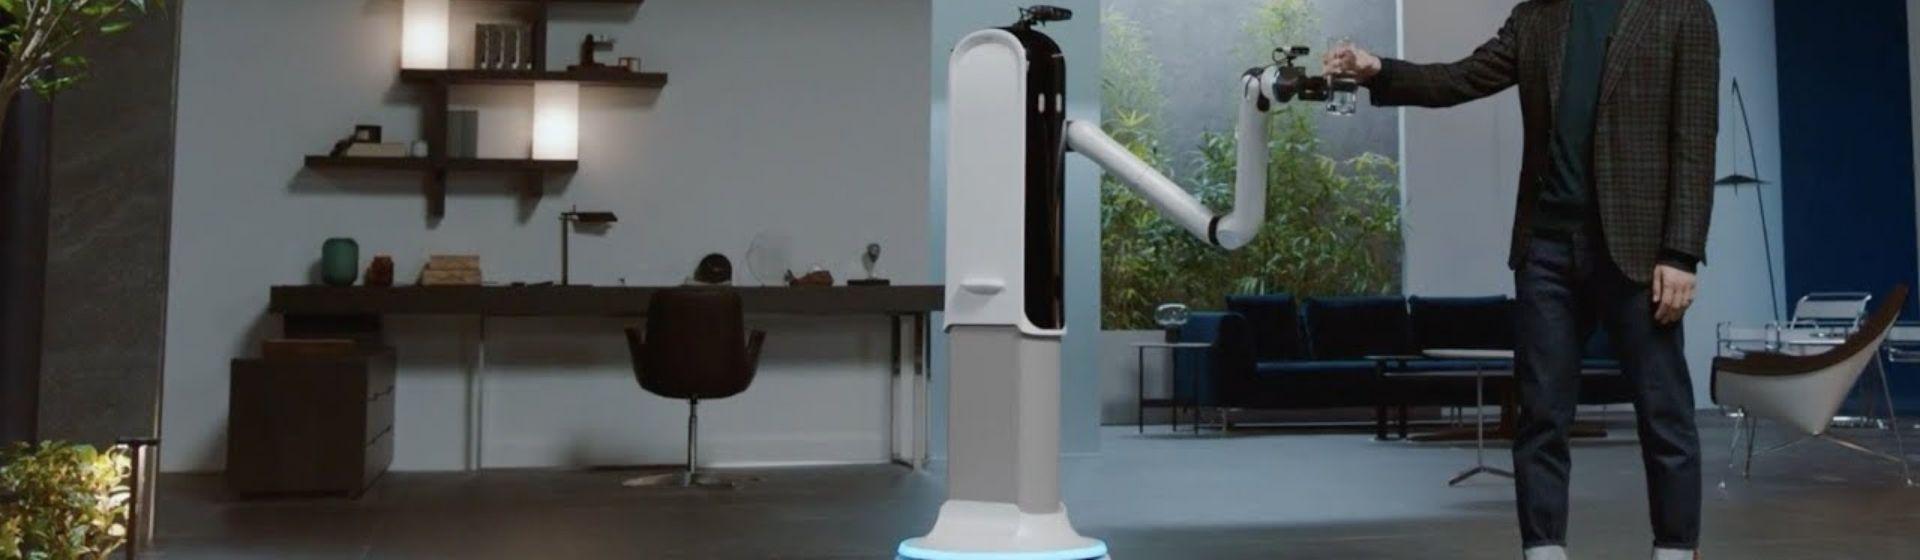 CES 2021: Samsung apresenta um robô que arruma a casa e ajuda nas tarefas